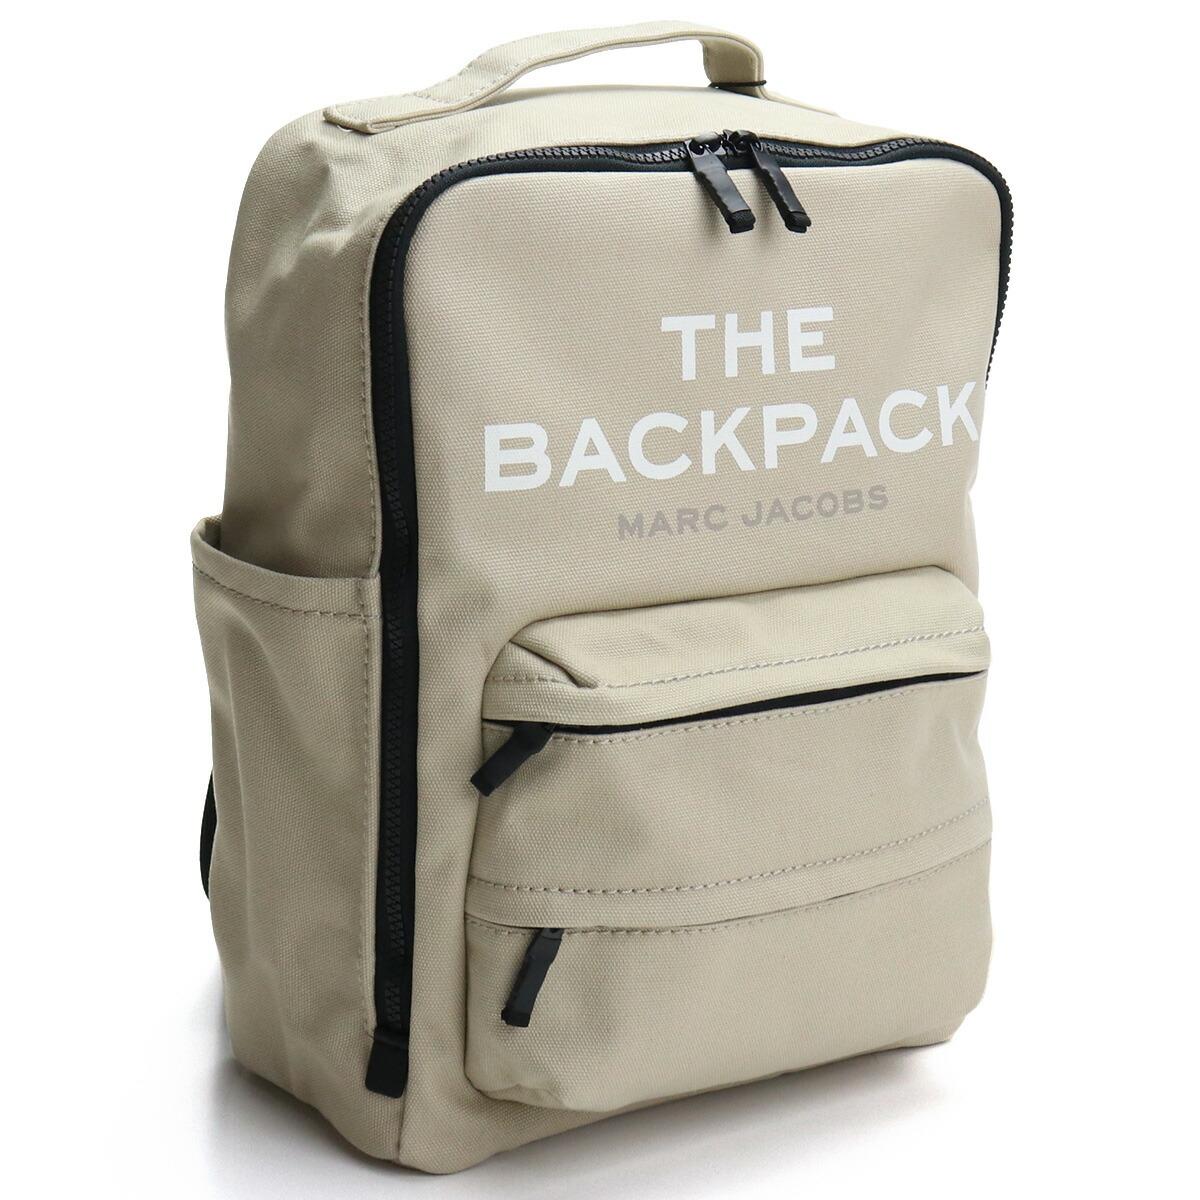 マーク・ジェイコブス MARC JACOBS  リュック ブランドバッグ バックパック H301M06SP21 260 BEIGE ベージュ系 bag-01